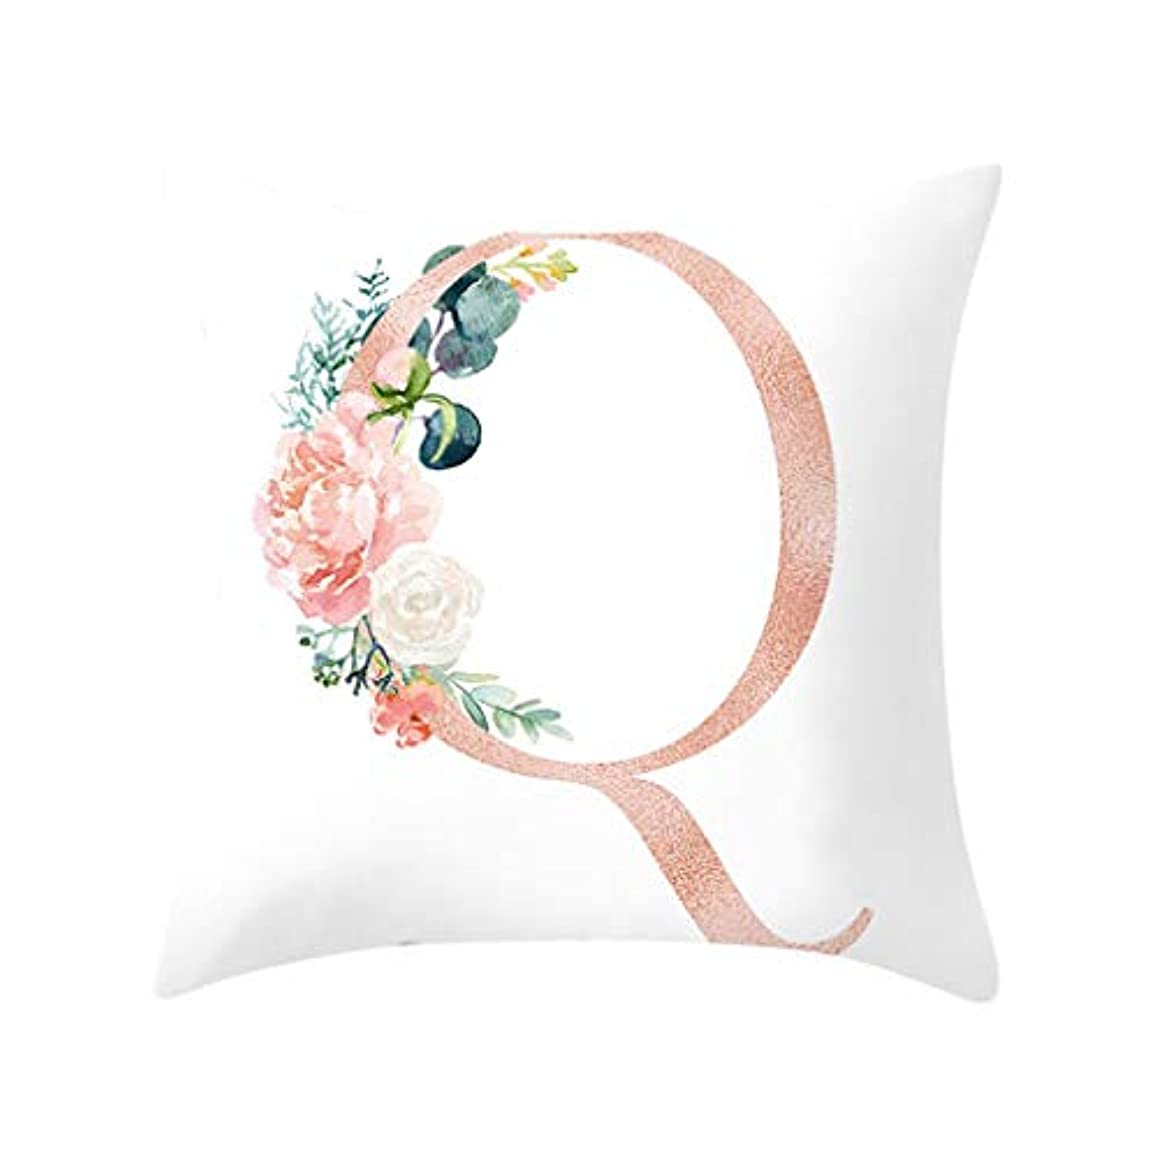 愛されし者その後調整するLIFE 装飾クッションソファ手紙枕アルファベットクッション印刷ソファ家の装飾の花枕 coussin decoratif クッション 椅子